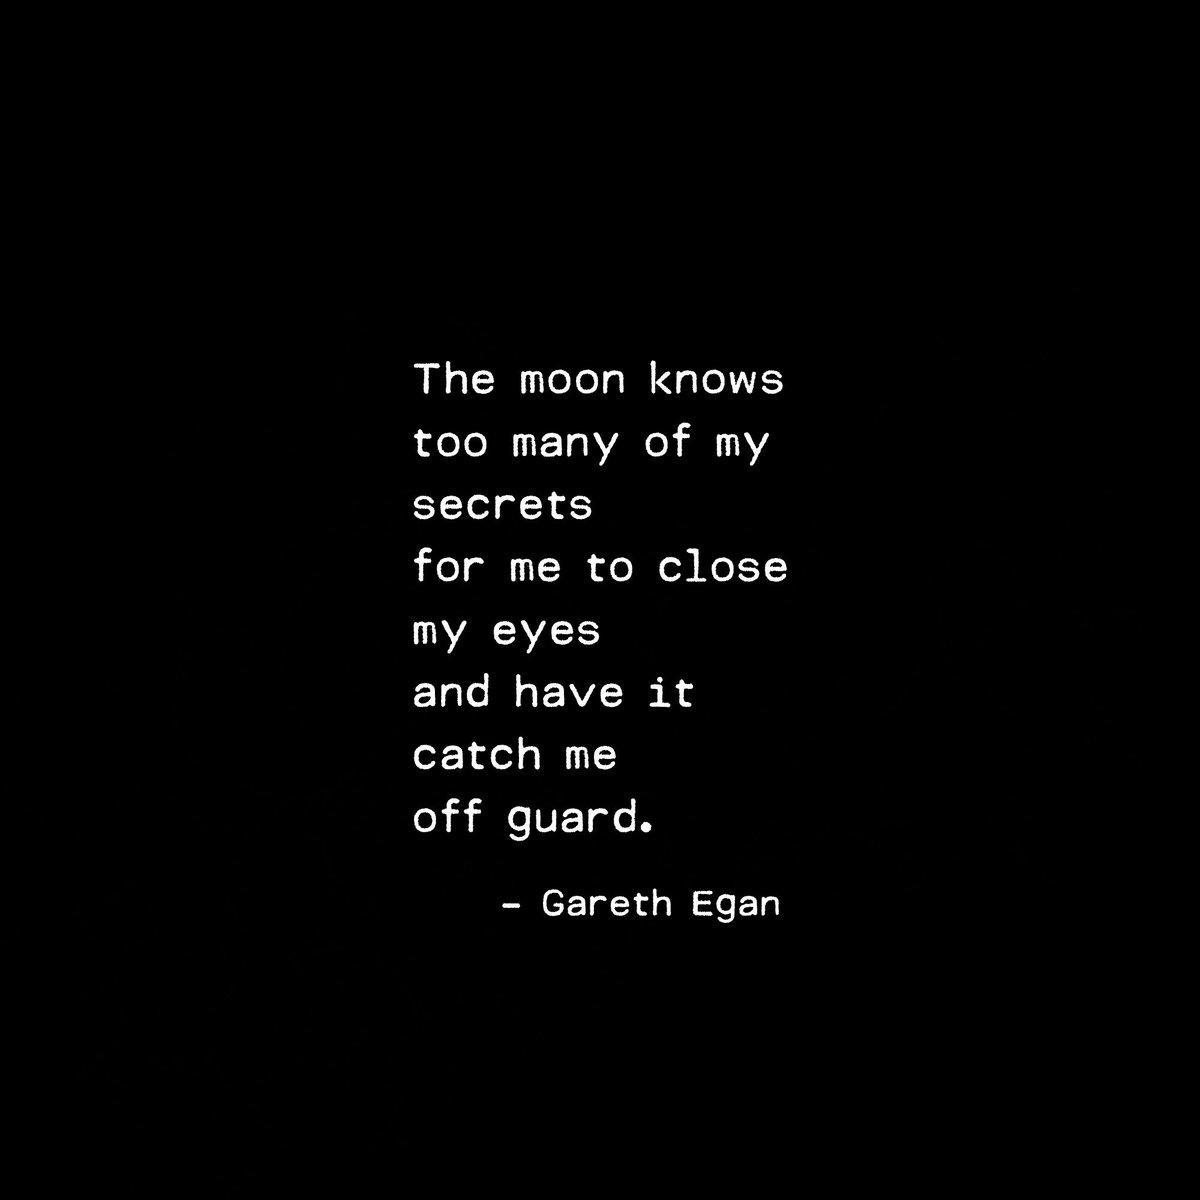 gareth egan على تويتر poetry poem quote wordporn insomnia